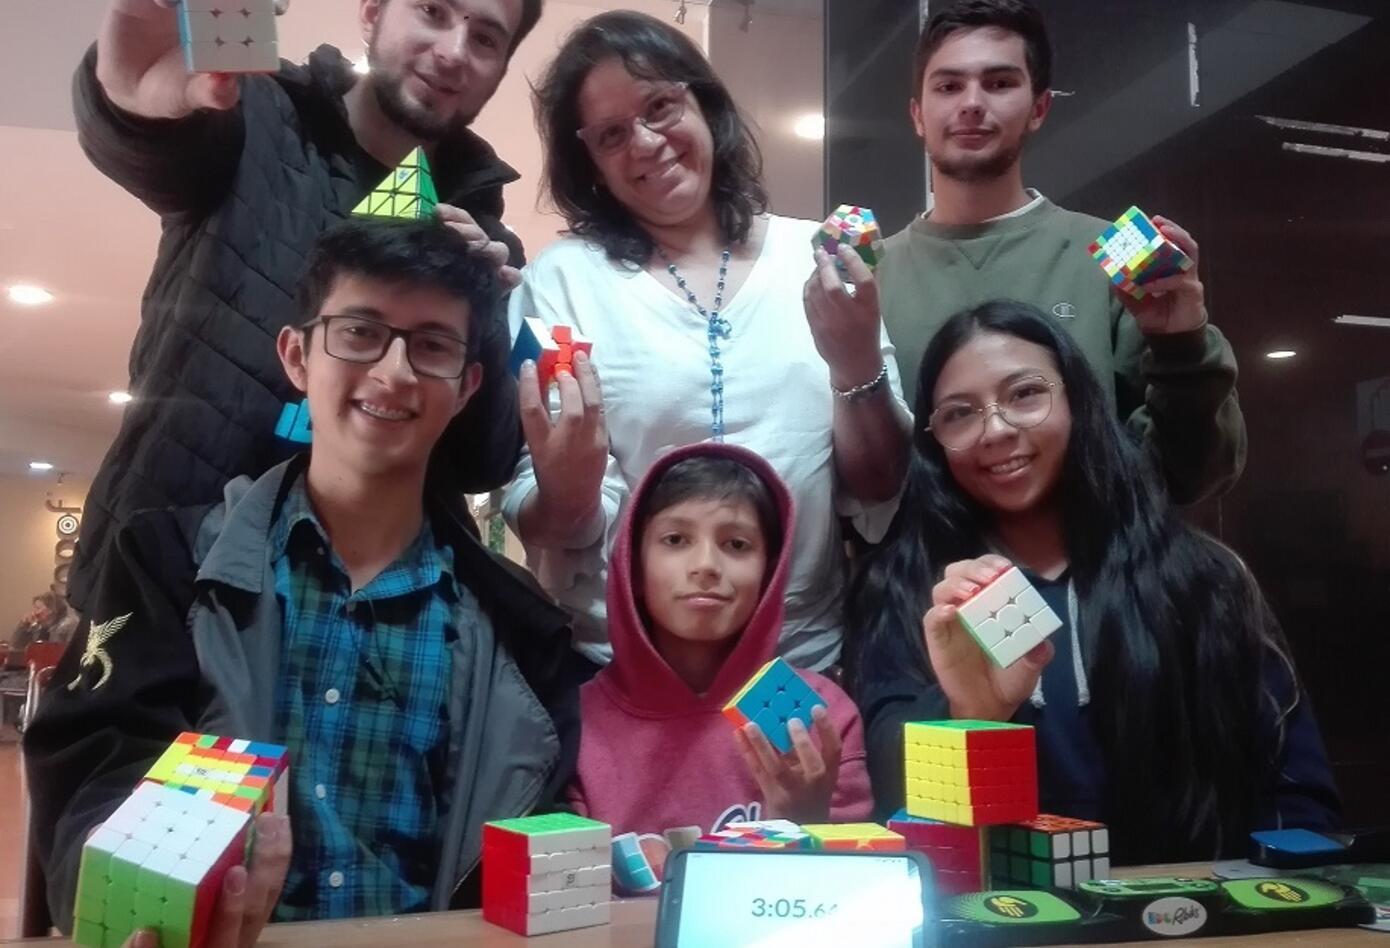 El cubo de rubik reúne a niños, jóvenes y adultos